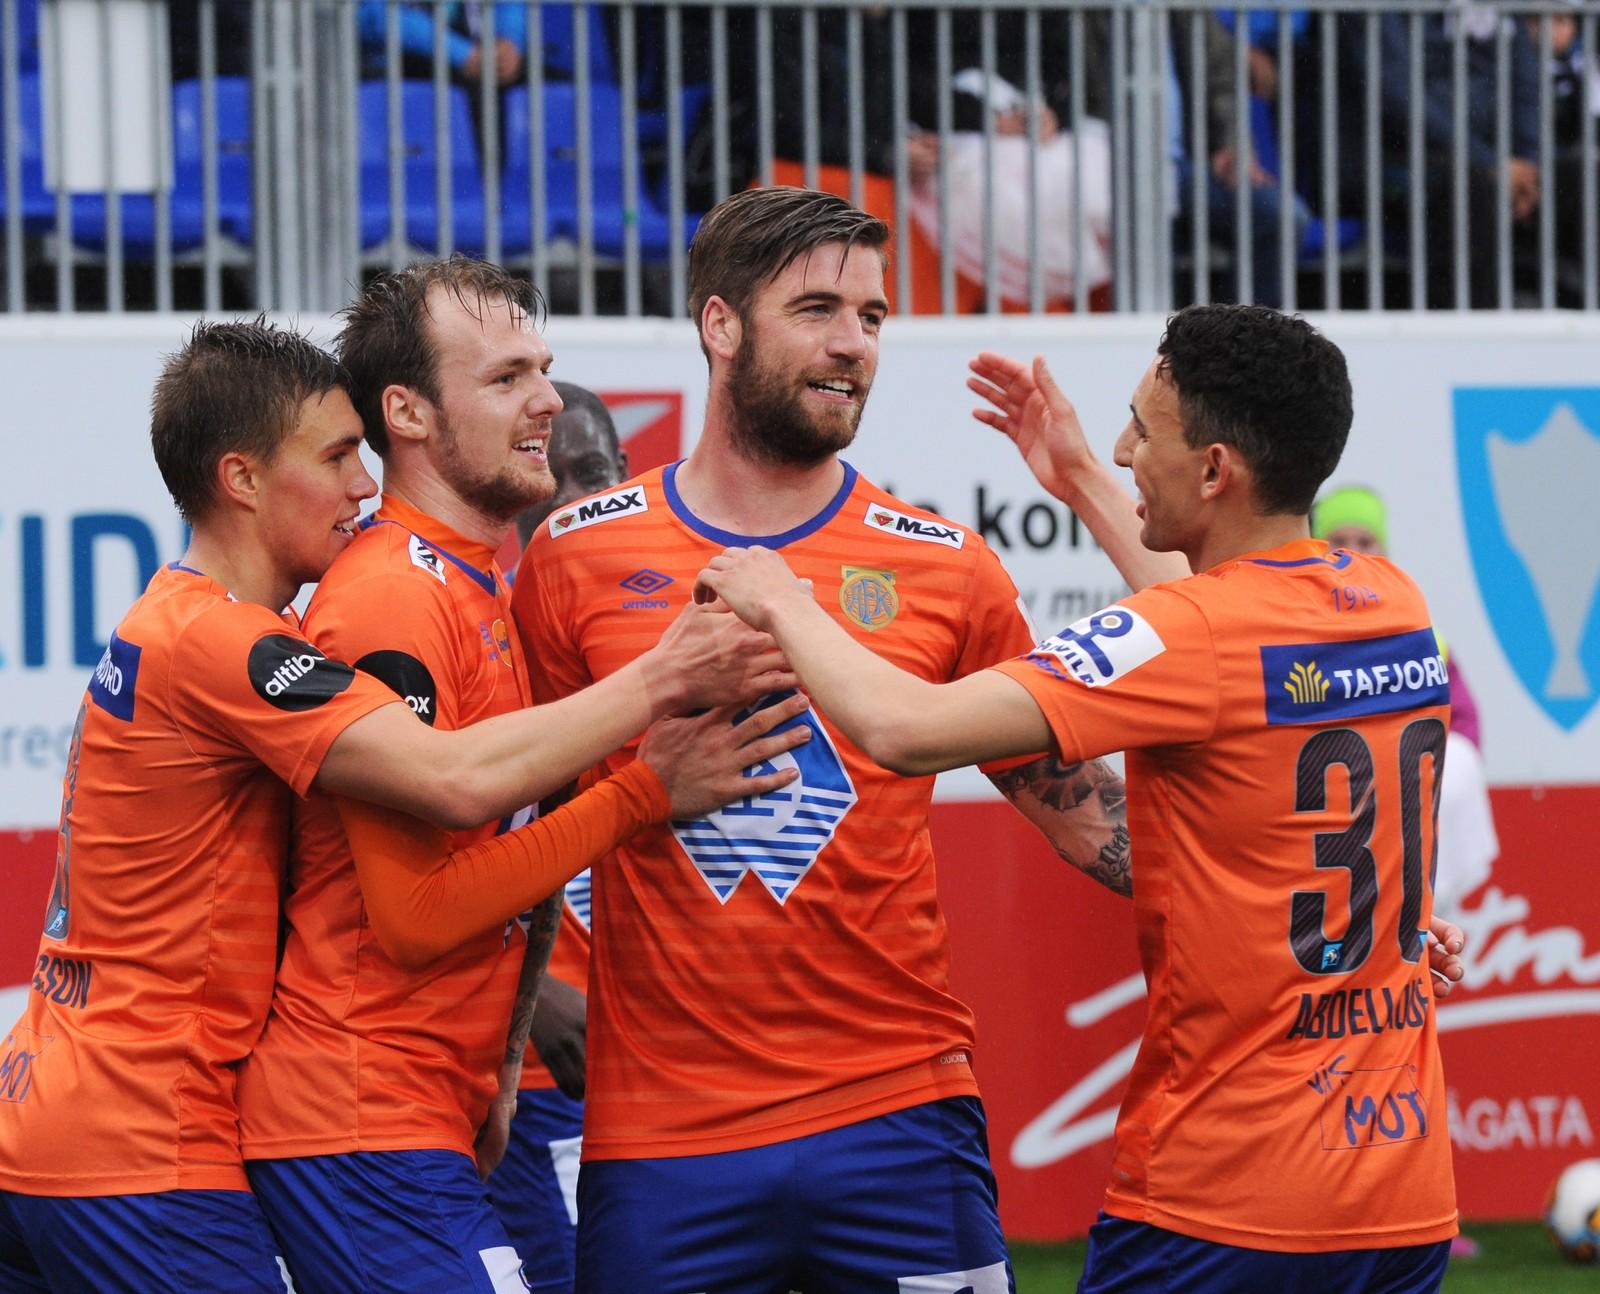 Aalesunds Lars Veldwijk scoret 1-0 Foto: Anders Tøsse / NTB scanpix